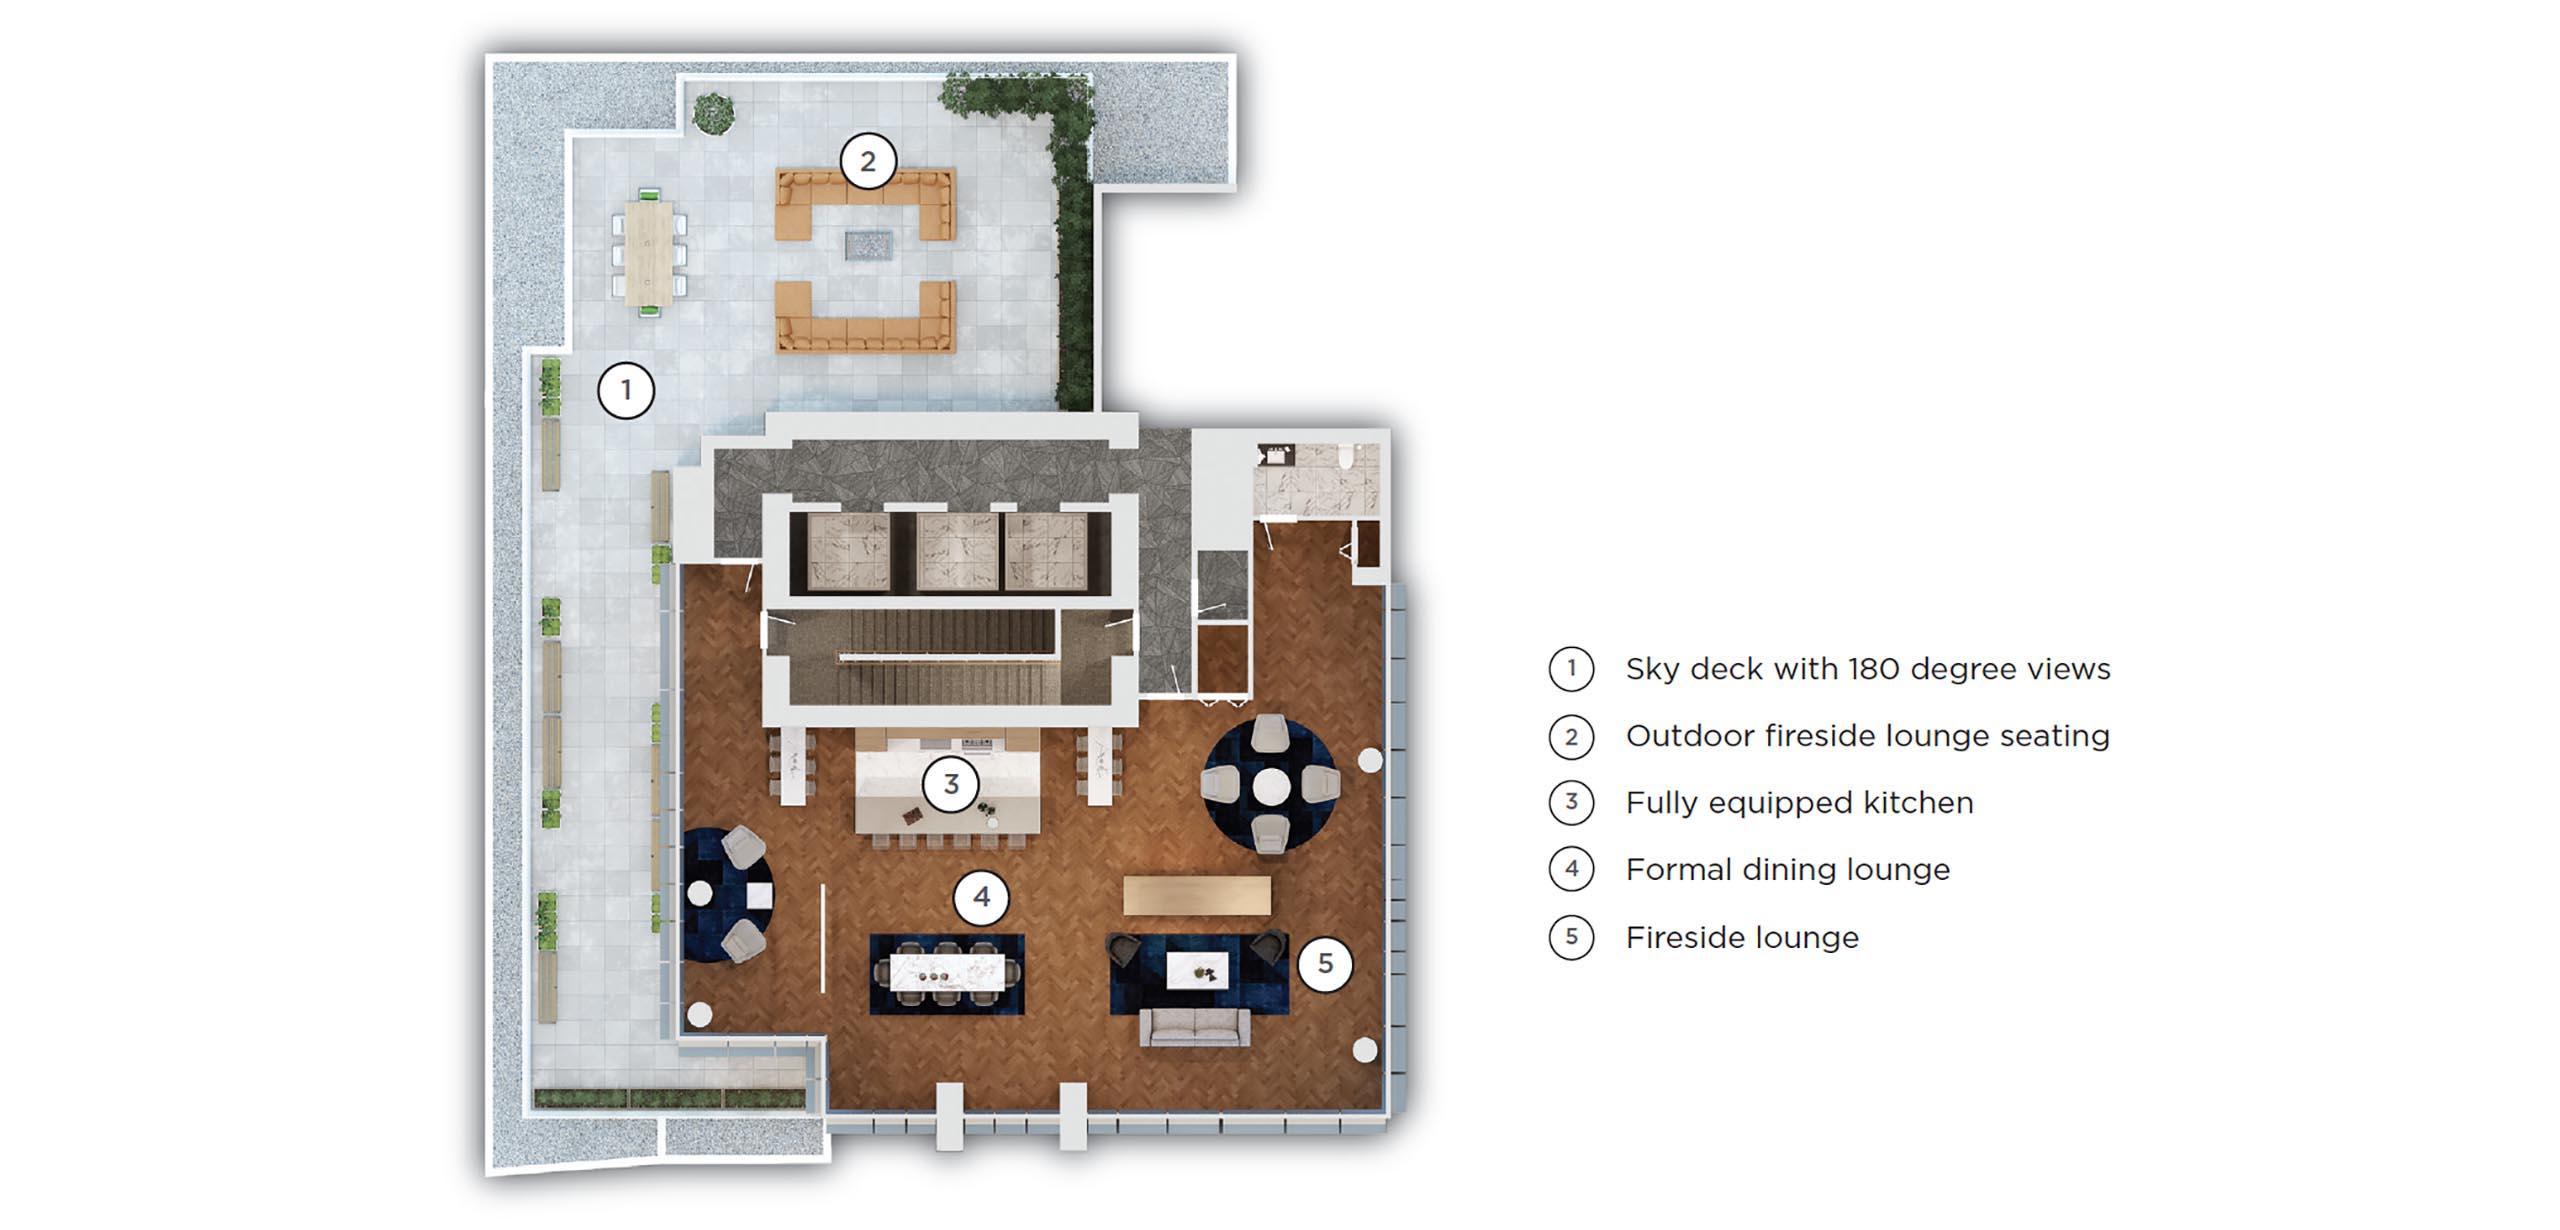 51st floor amenities